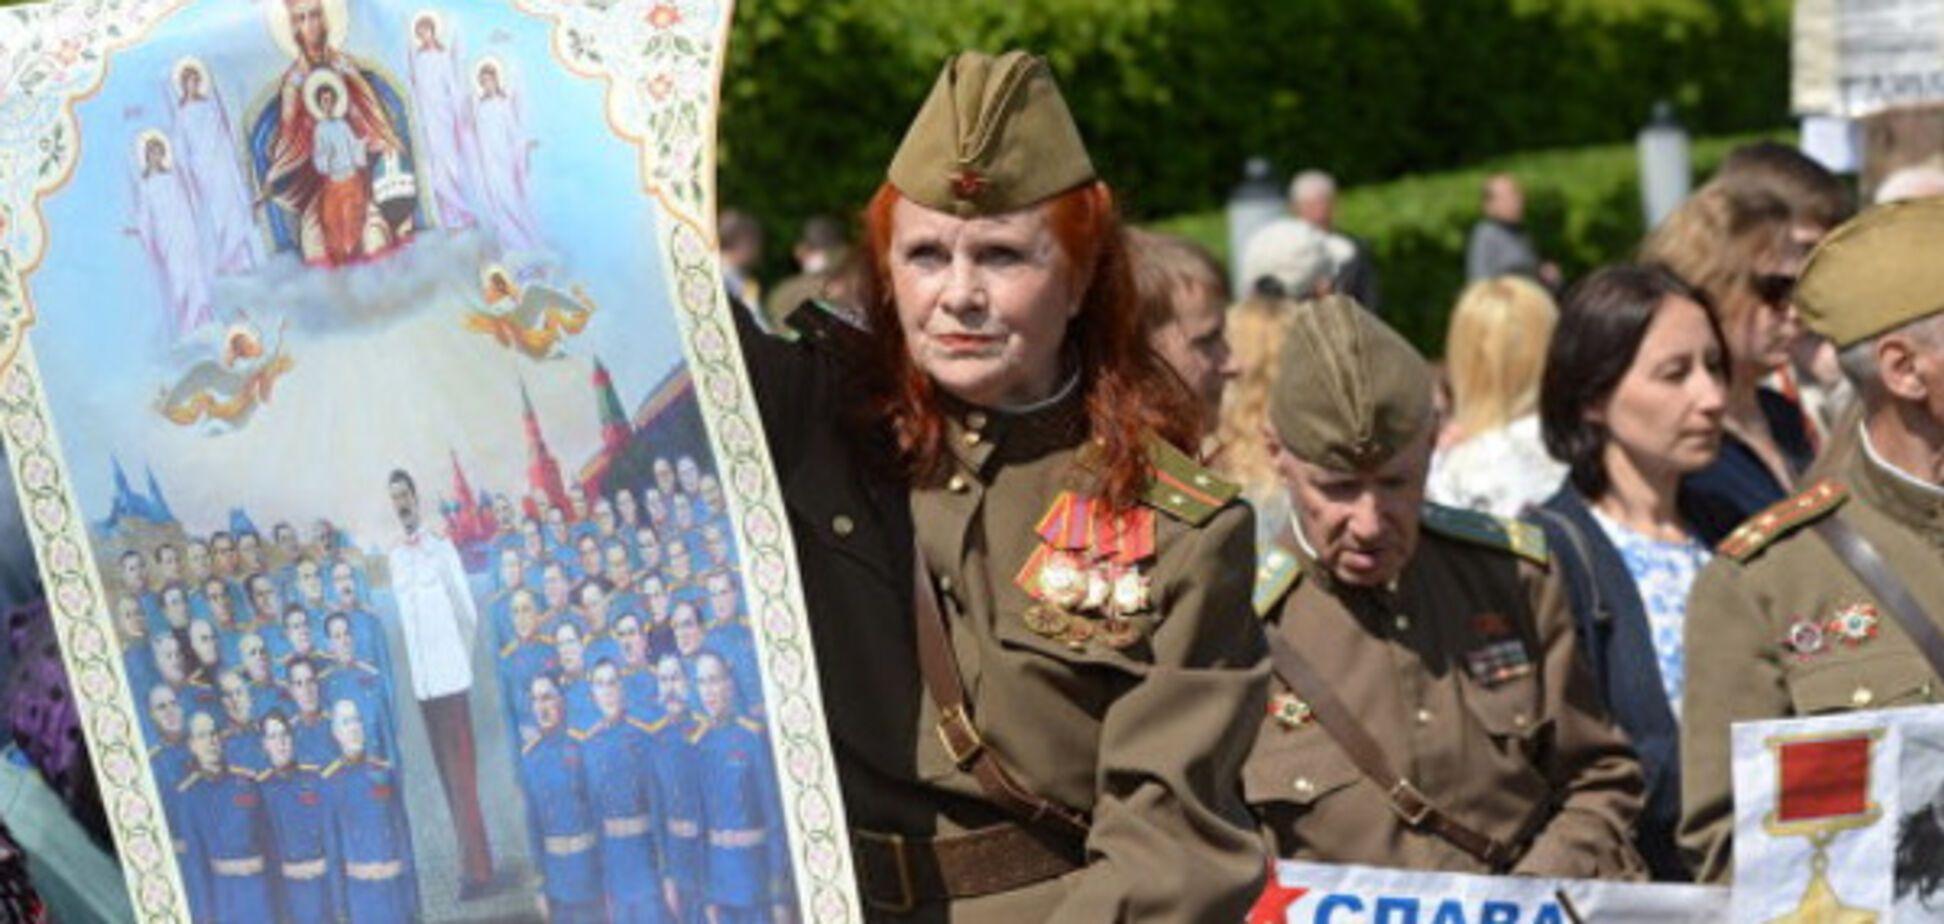 Я бы этот 'Бессмертный полк' в Киеве запретил...